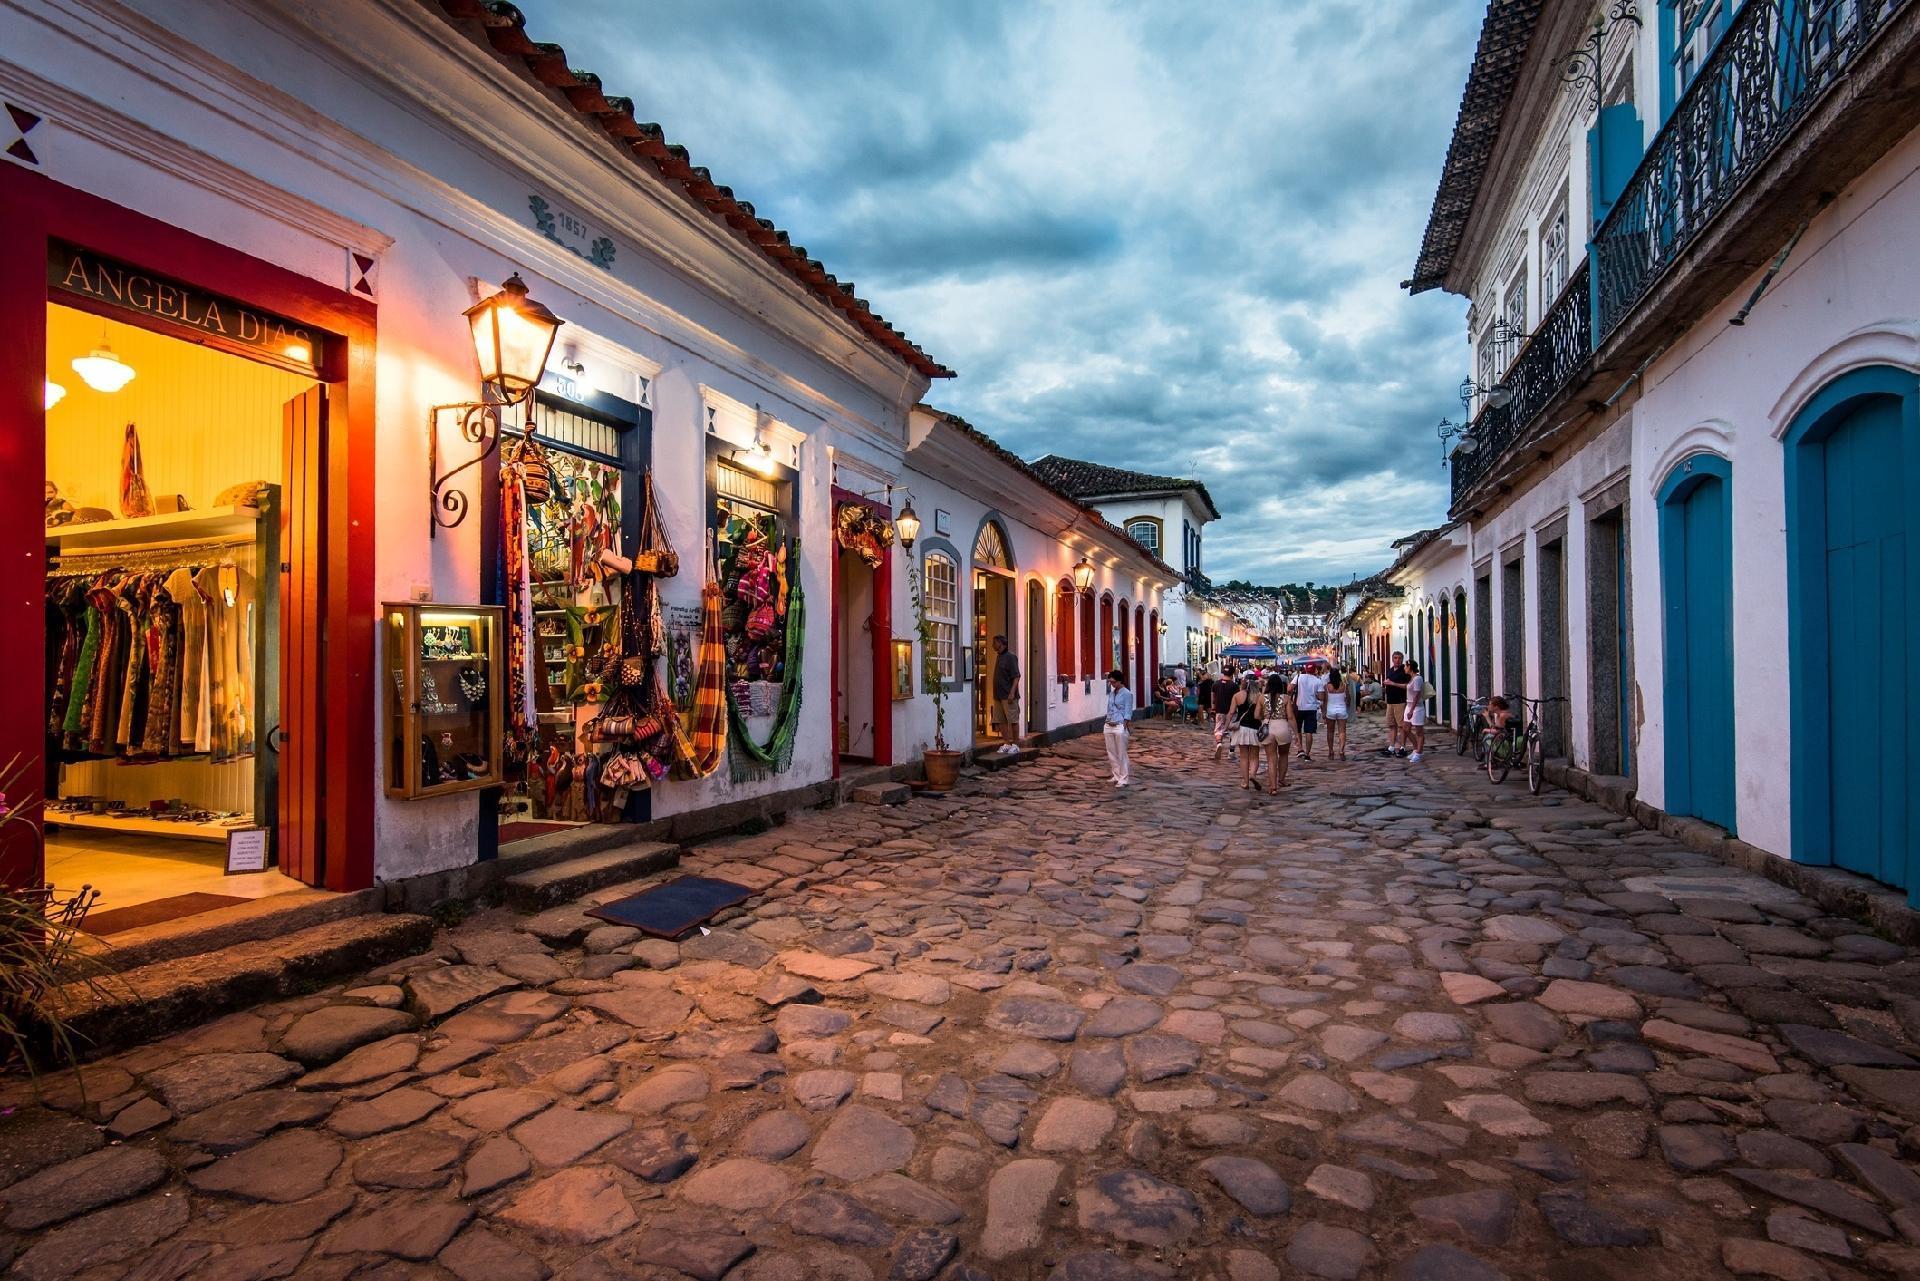 Paraty é reconhecida como patrimônio cultural e natural da humanidade -  05/07/2019 - UOL Notícias